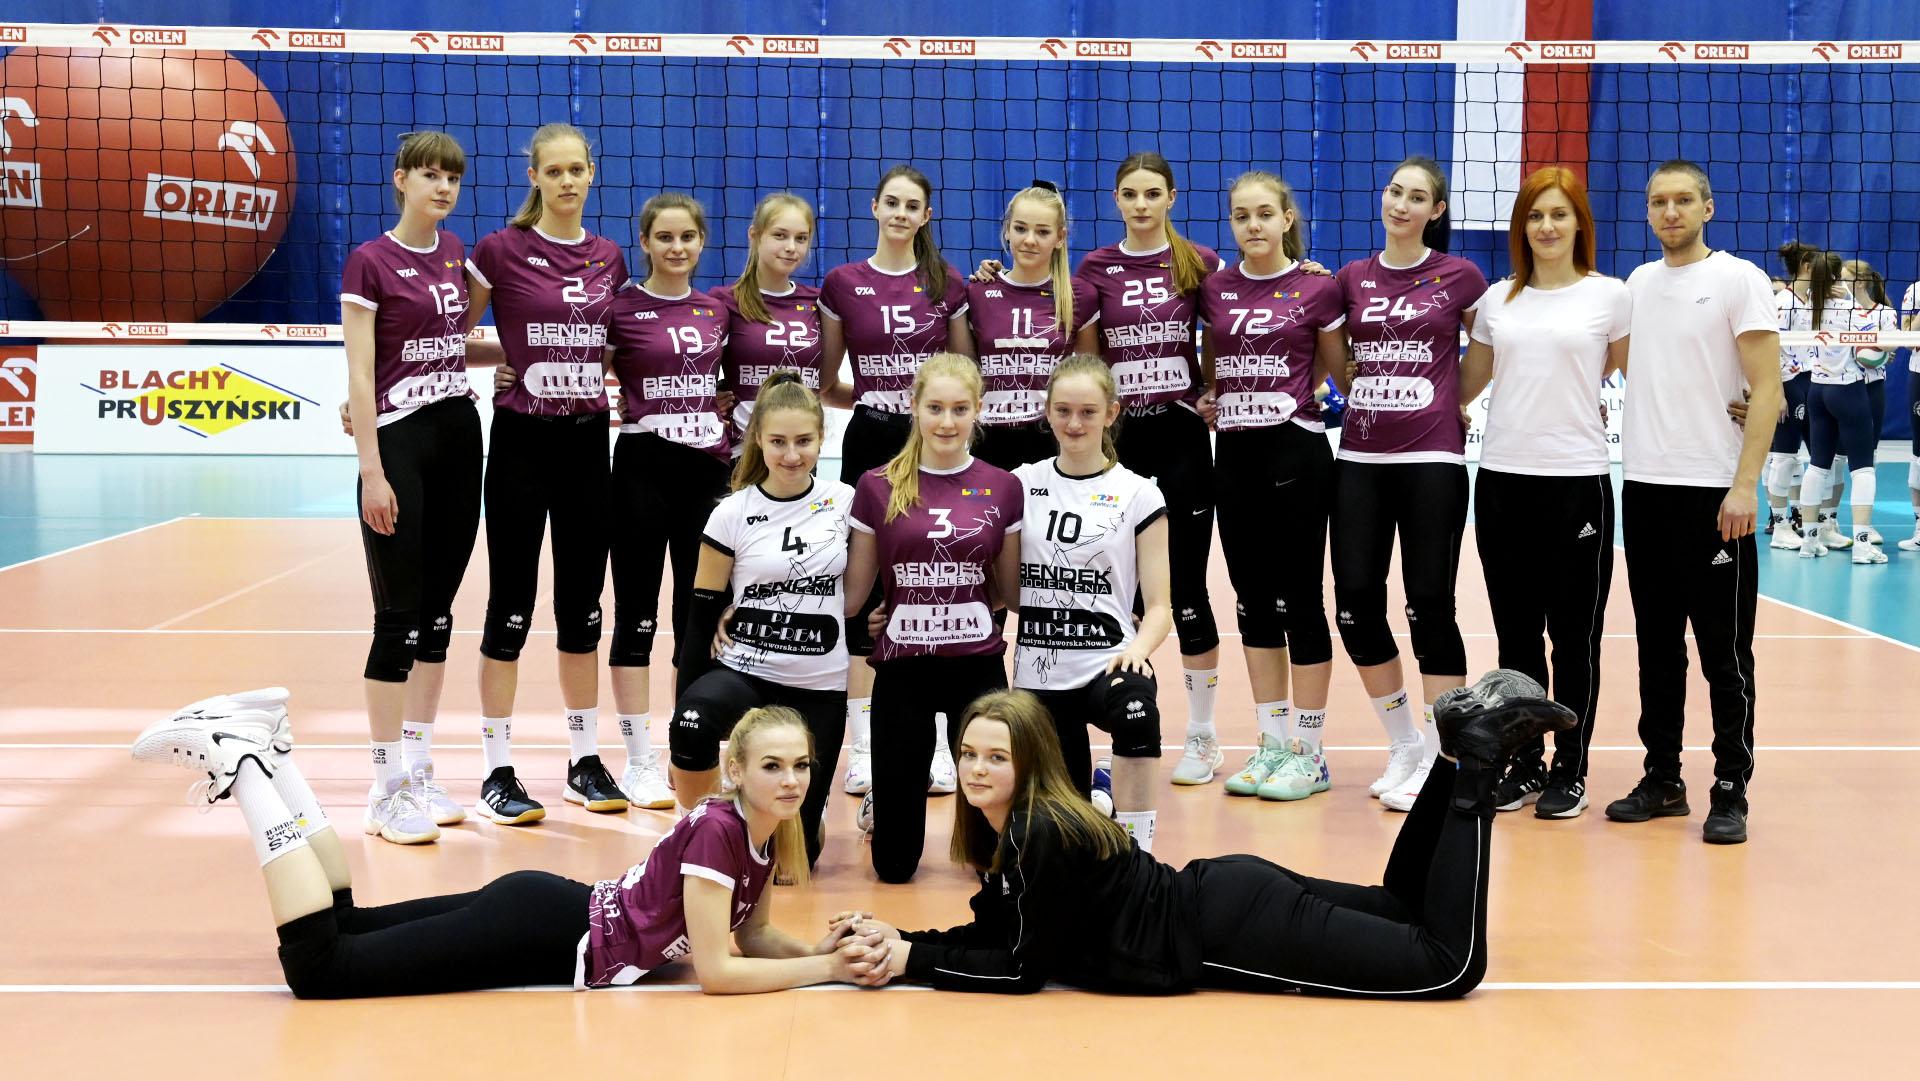 MKS Dwójka Zawiercie (MMP Finał Juniorek Młodszych Grupa A sezon 2020/2021)